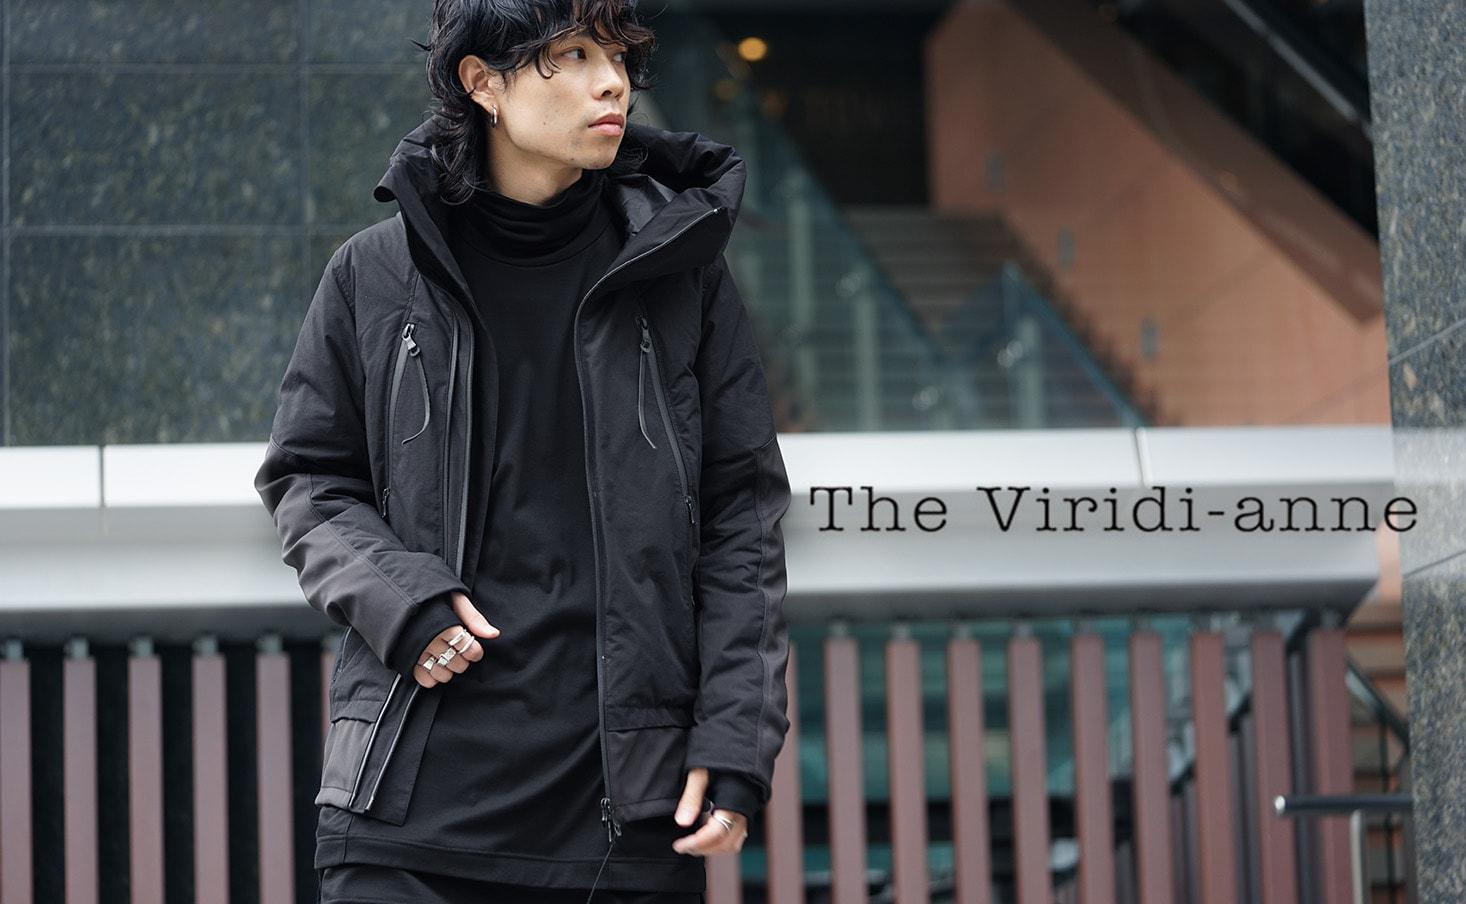 The Viridi-anne(ヴィリディアン)18-19AW(秋冬) コレクション